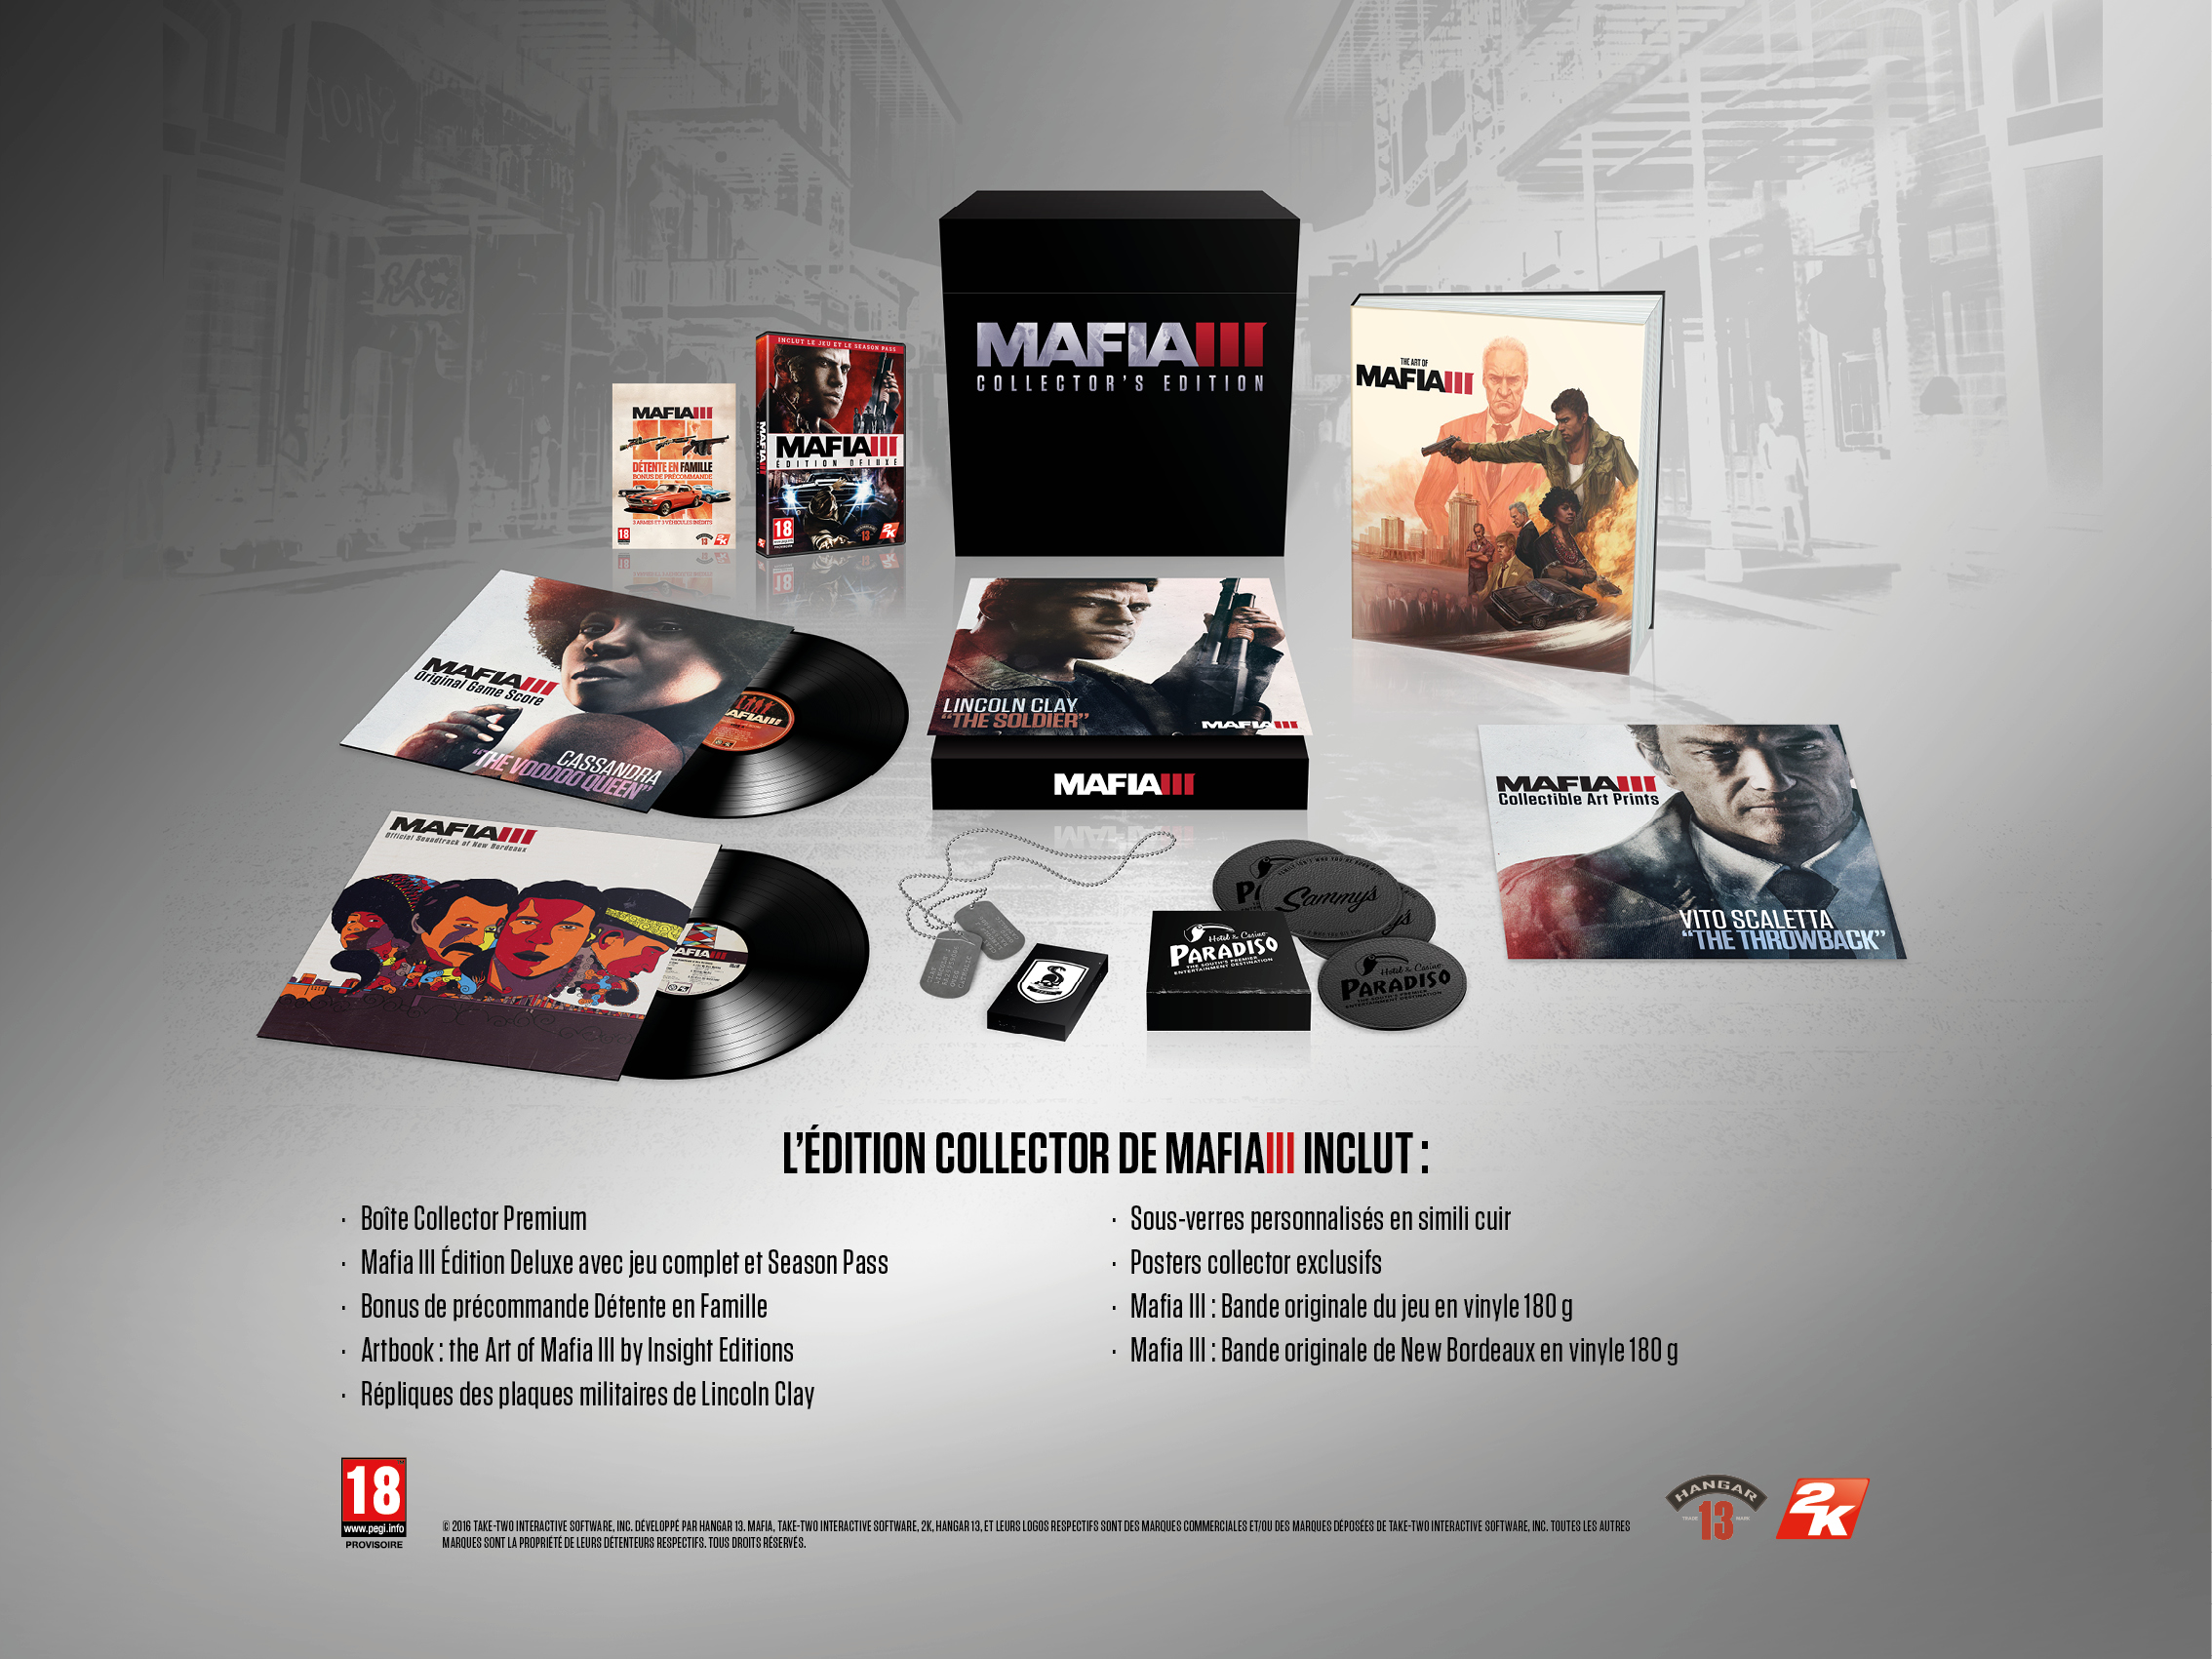 mafia 3 collector